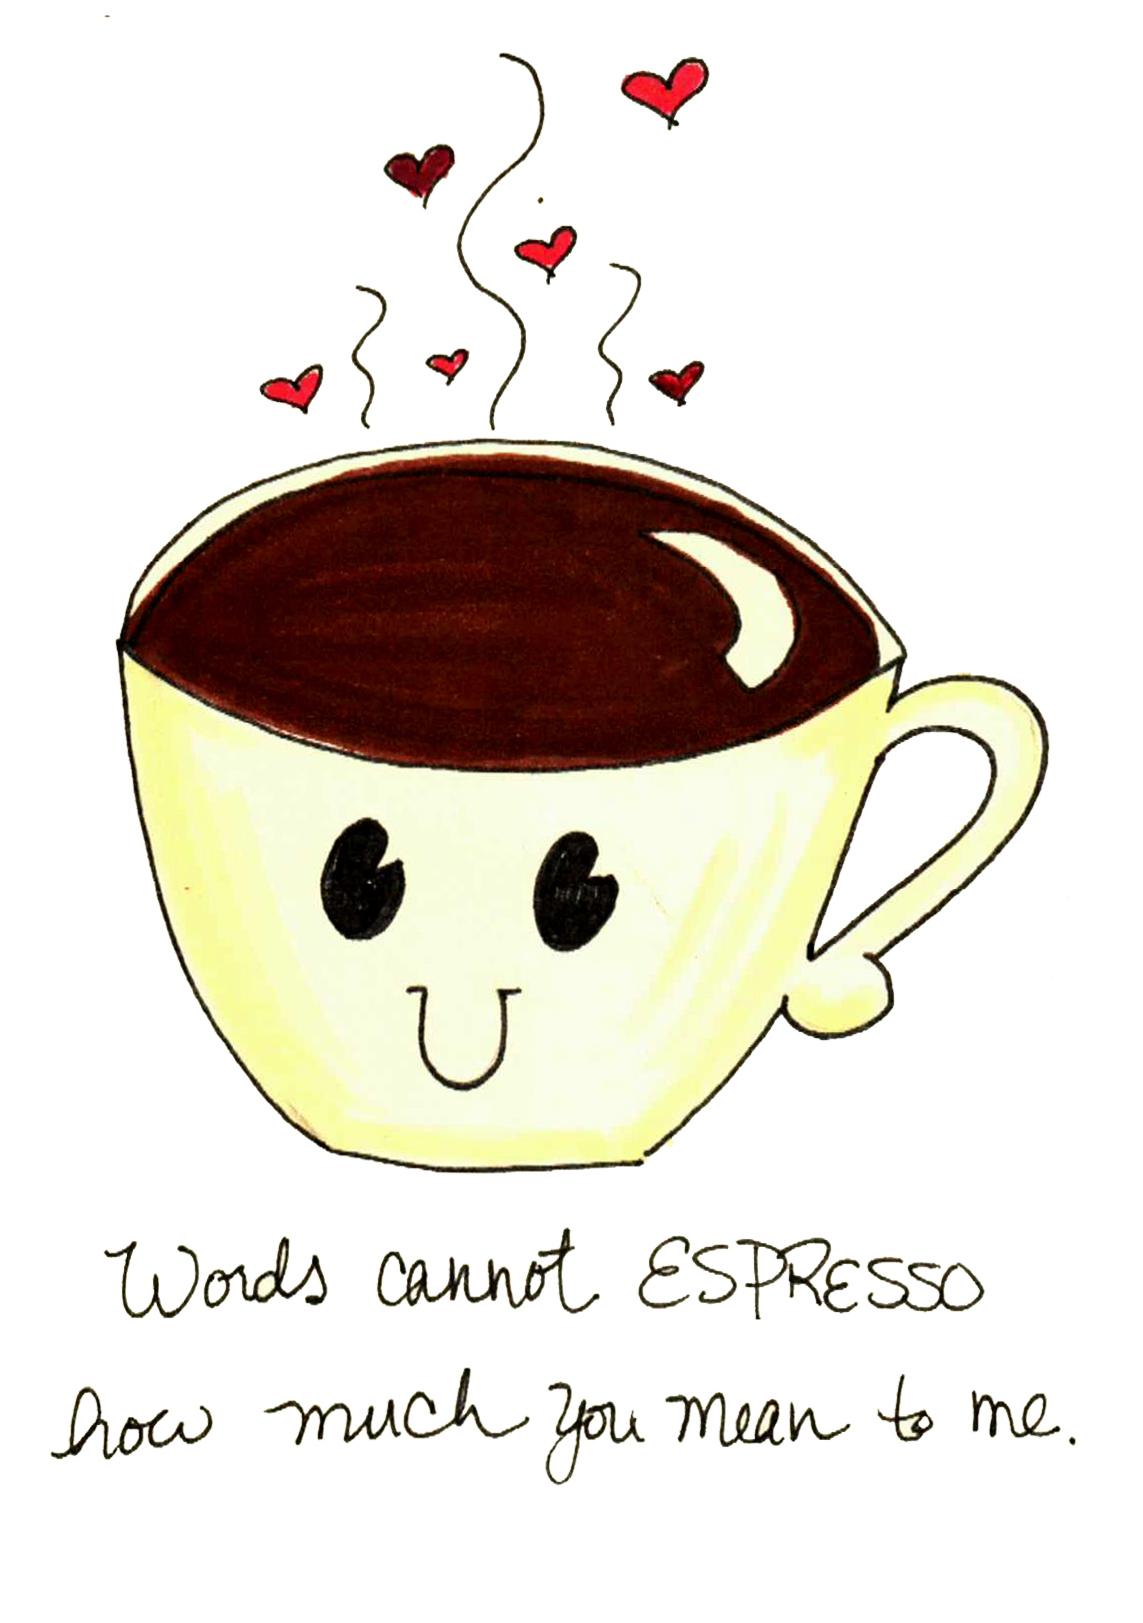 I can't espresso